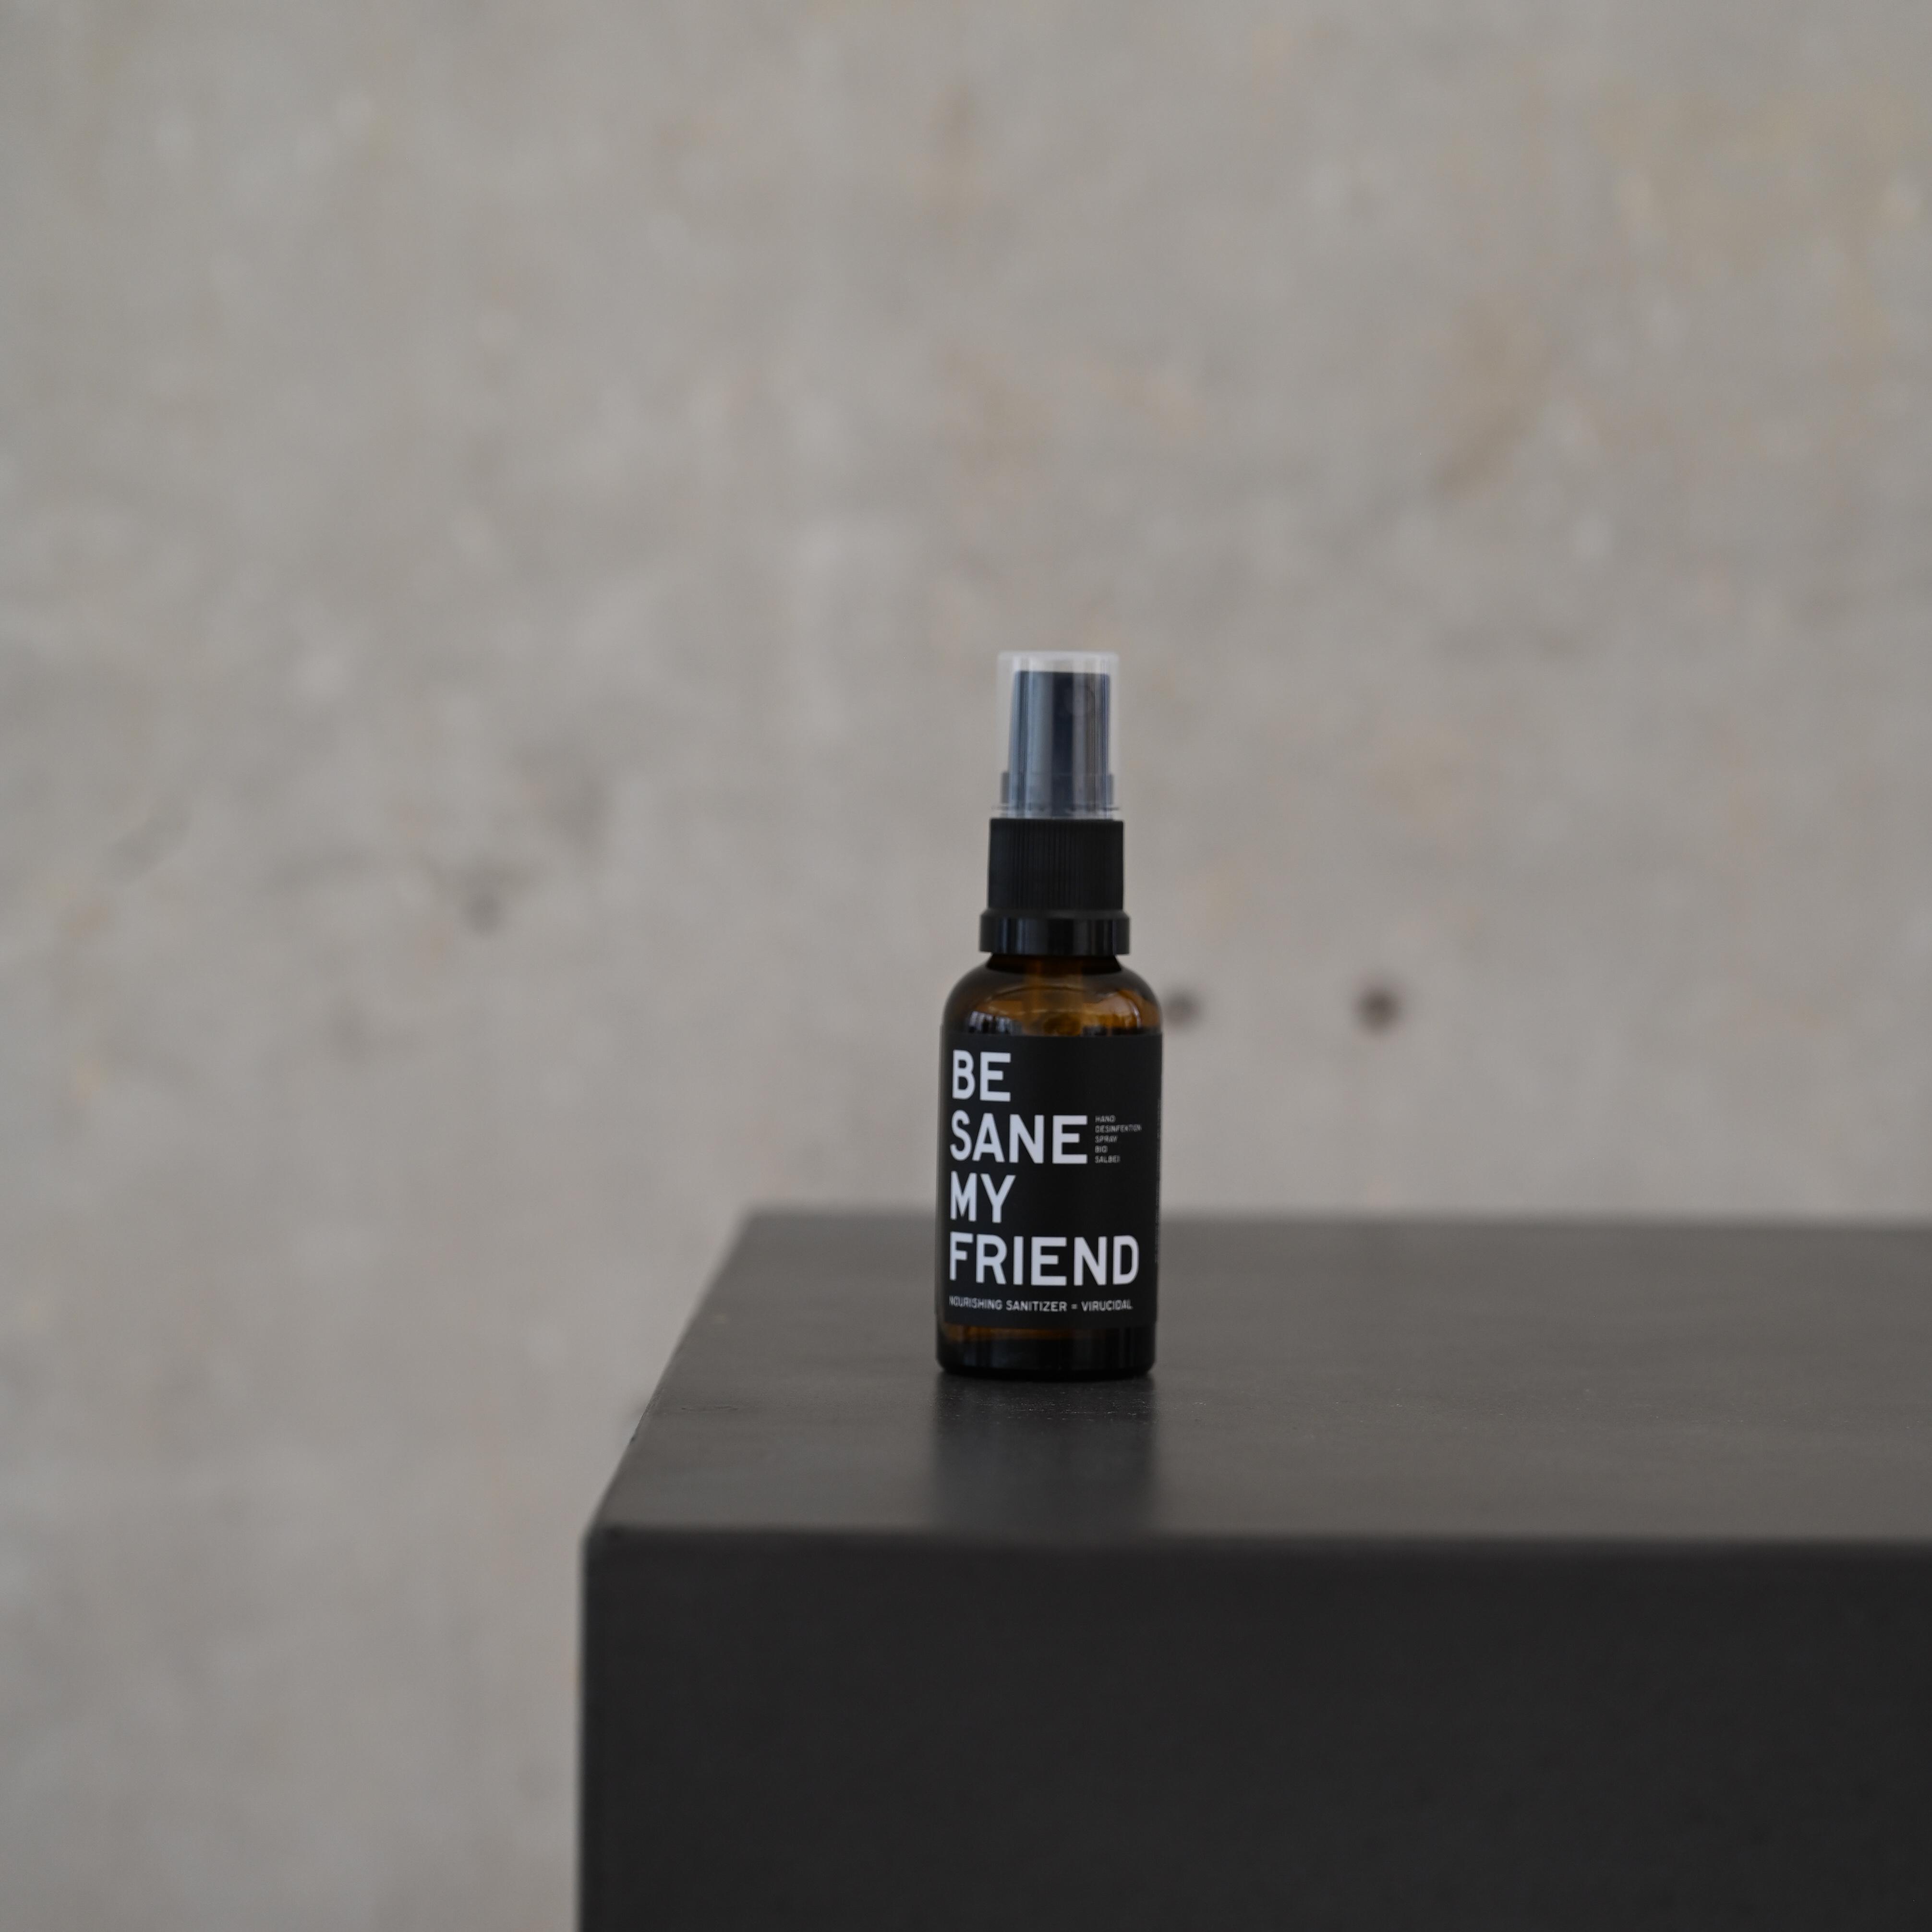 Sanitizer Spray - Bio Salbei 30 ml von BE [...] MY FRIEND